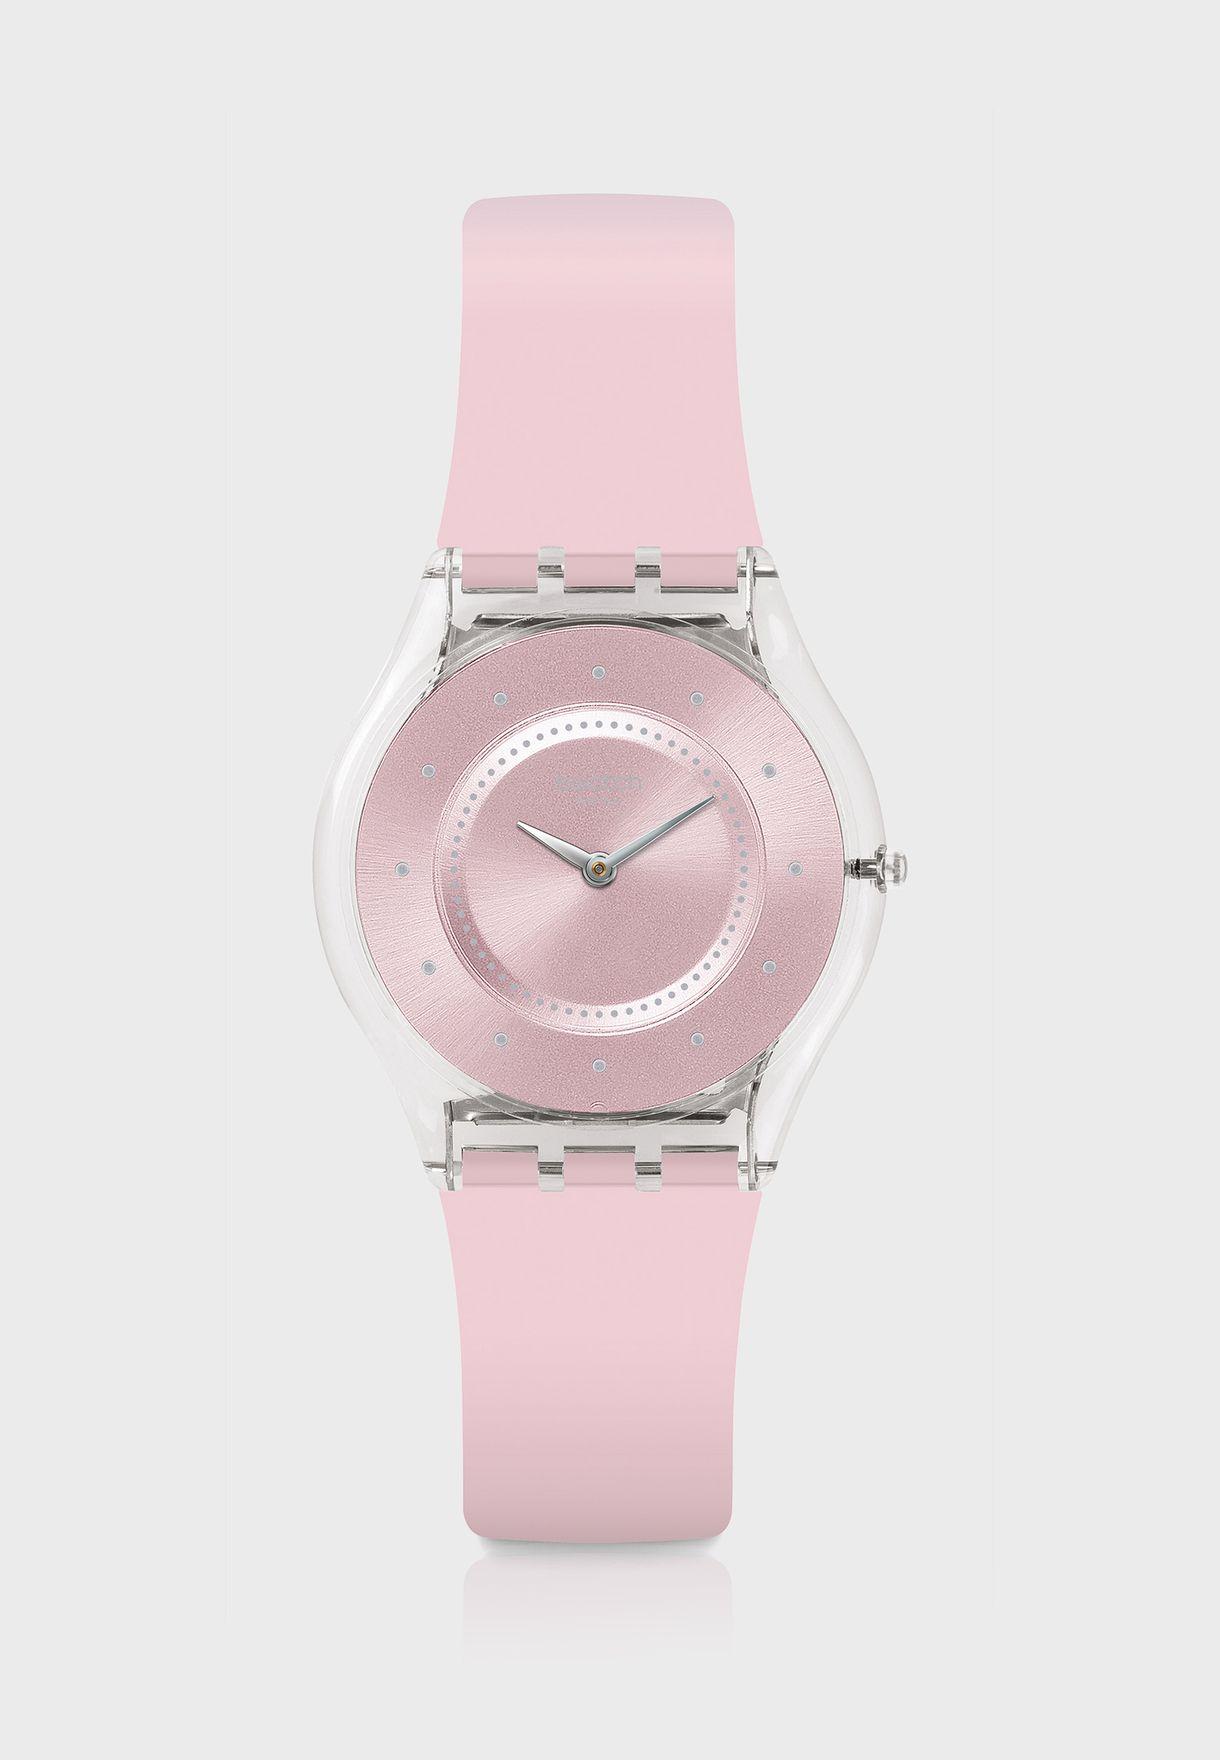 Pink Pastel Analog Watch